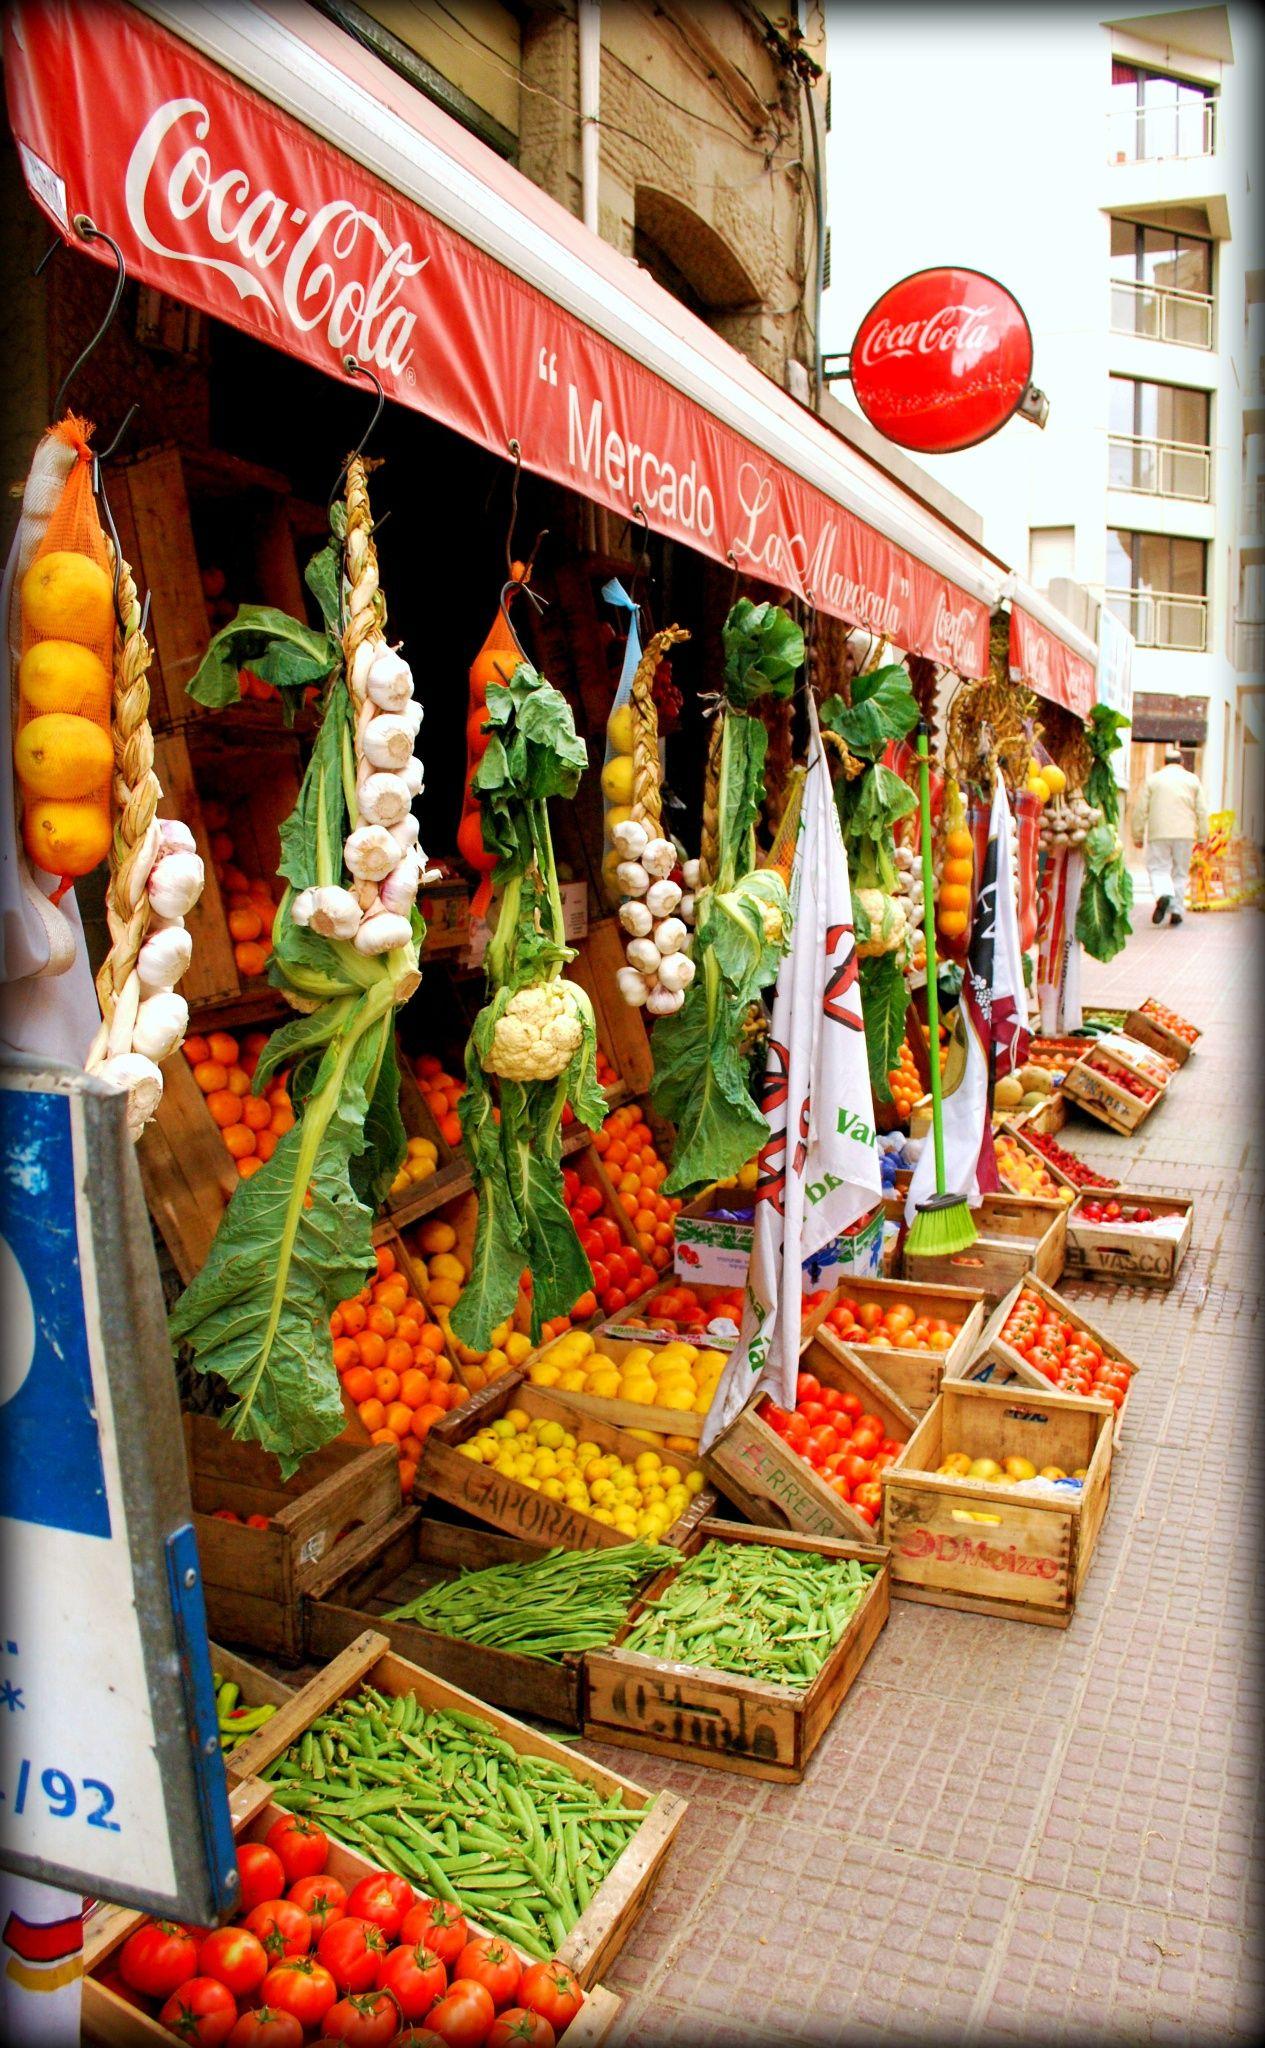 Market Outdoor market in Montevideo, Uruguay. World